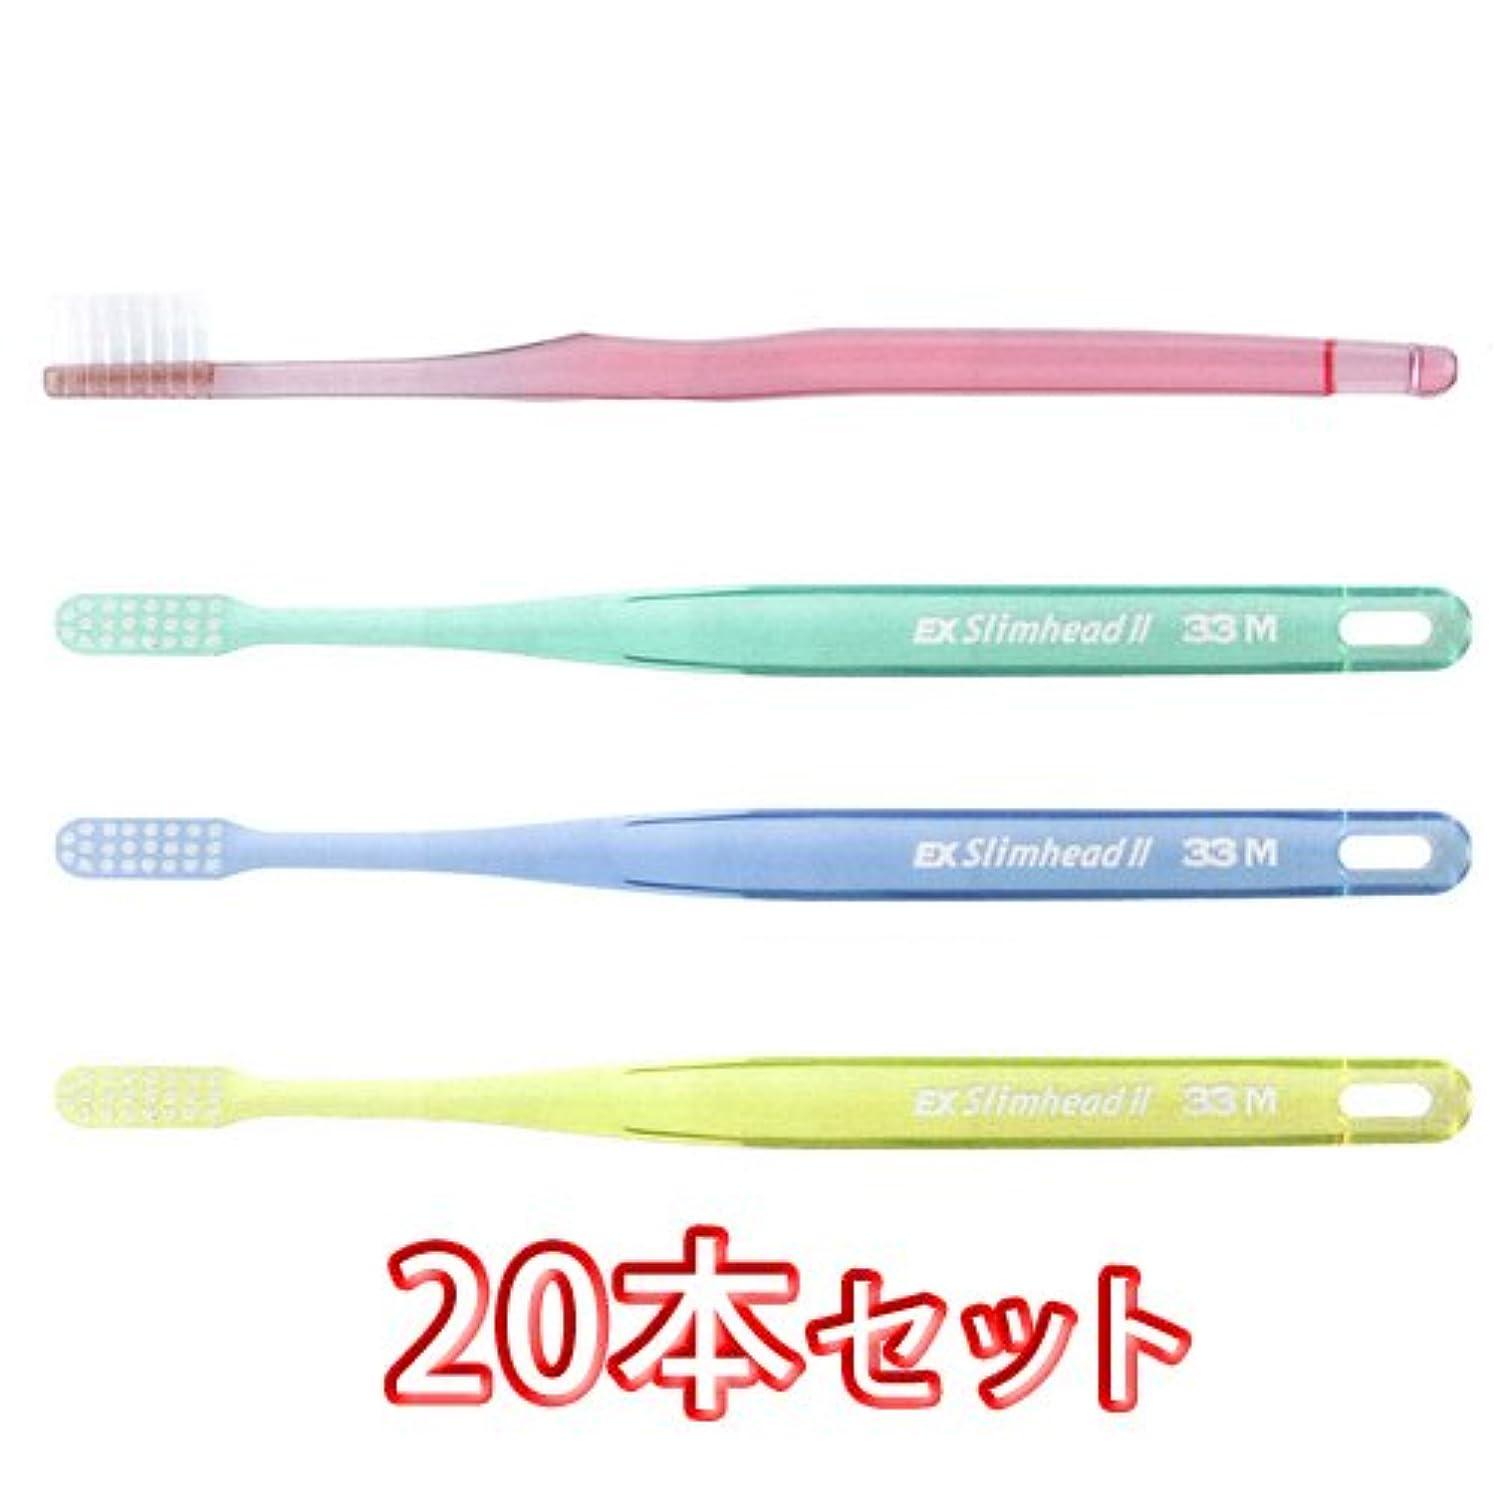 敬の念米ドルパトロンライオン スリムヘッド2 歯ブラシ DENT . EX Slimhead2 20本入 (33M)